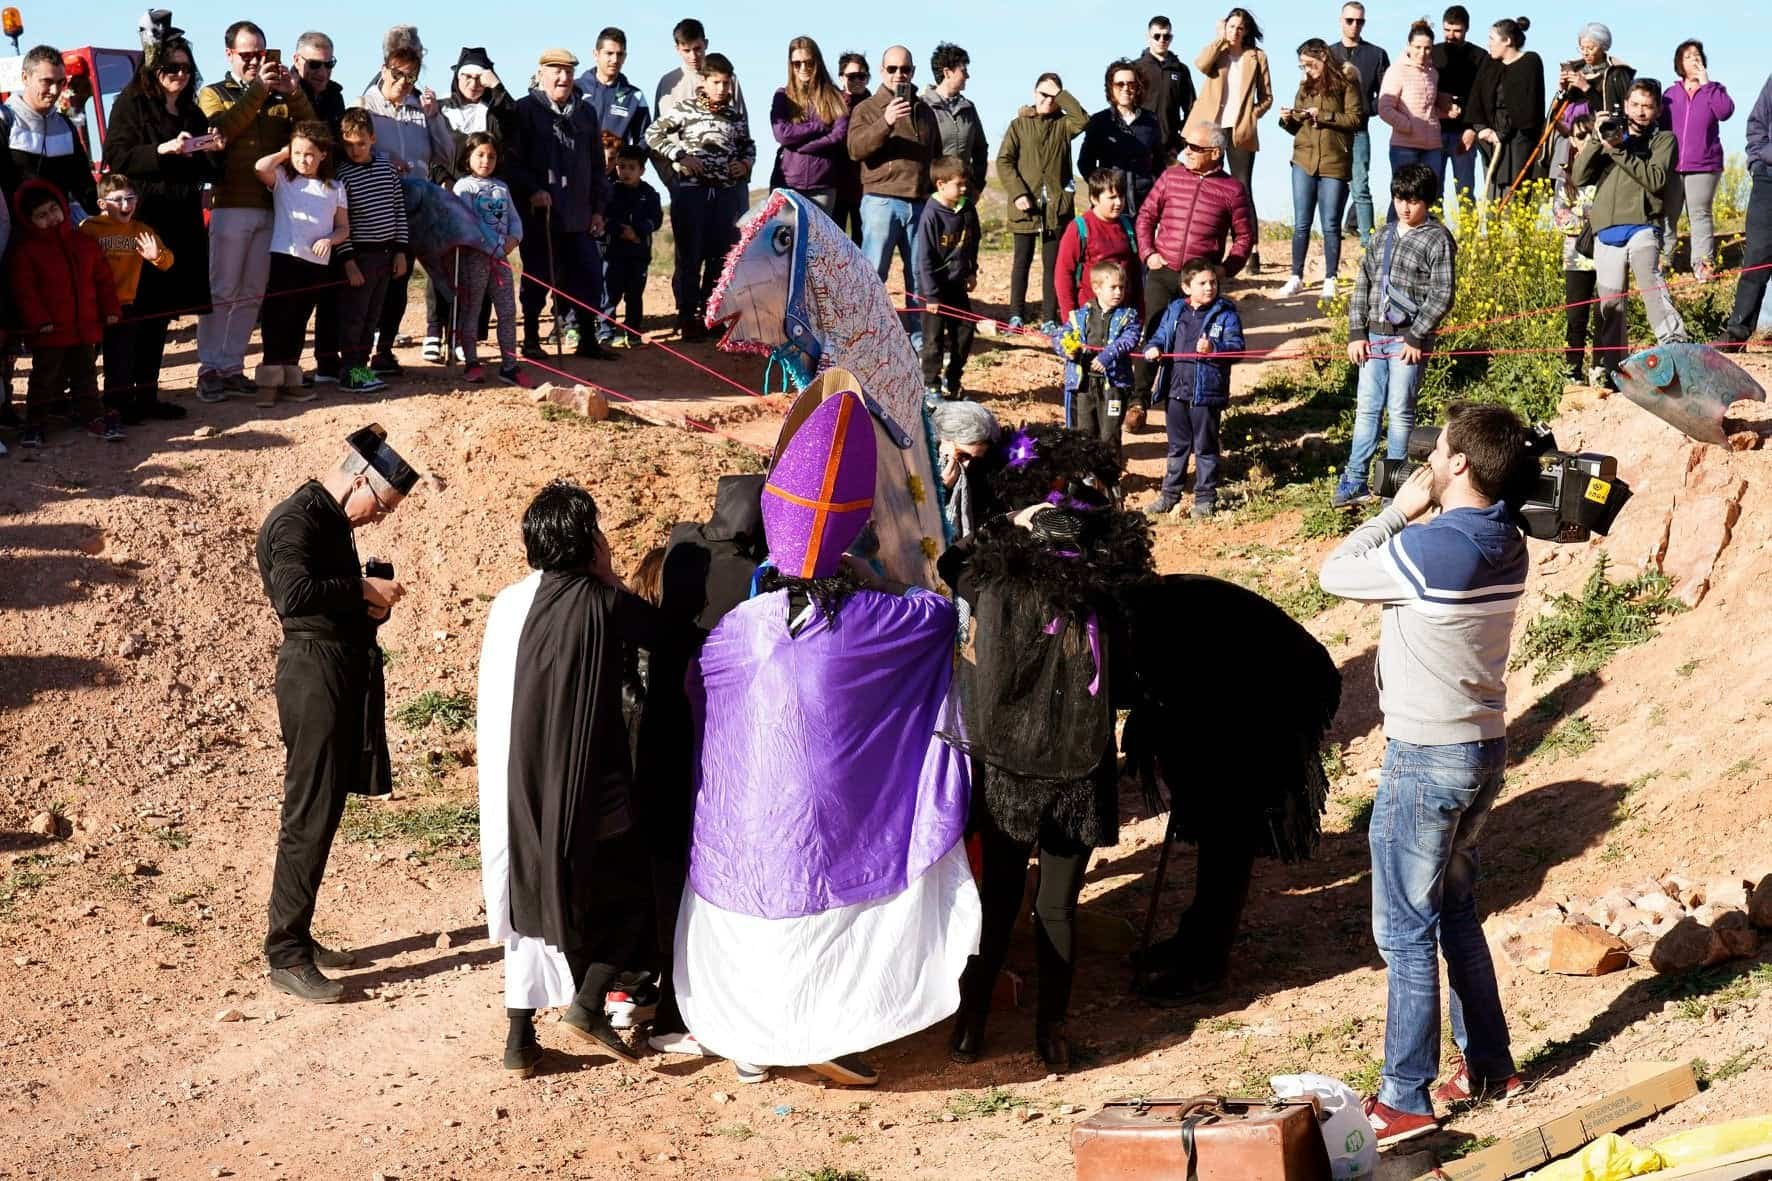 Carnaval de Herencia 2020 entierro sardina 18 - El Entierro de la Sardina 2020 del Carnaval de Herencia